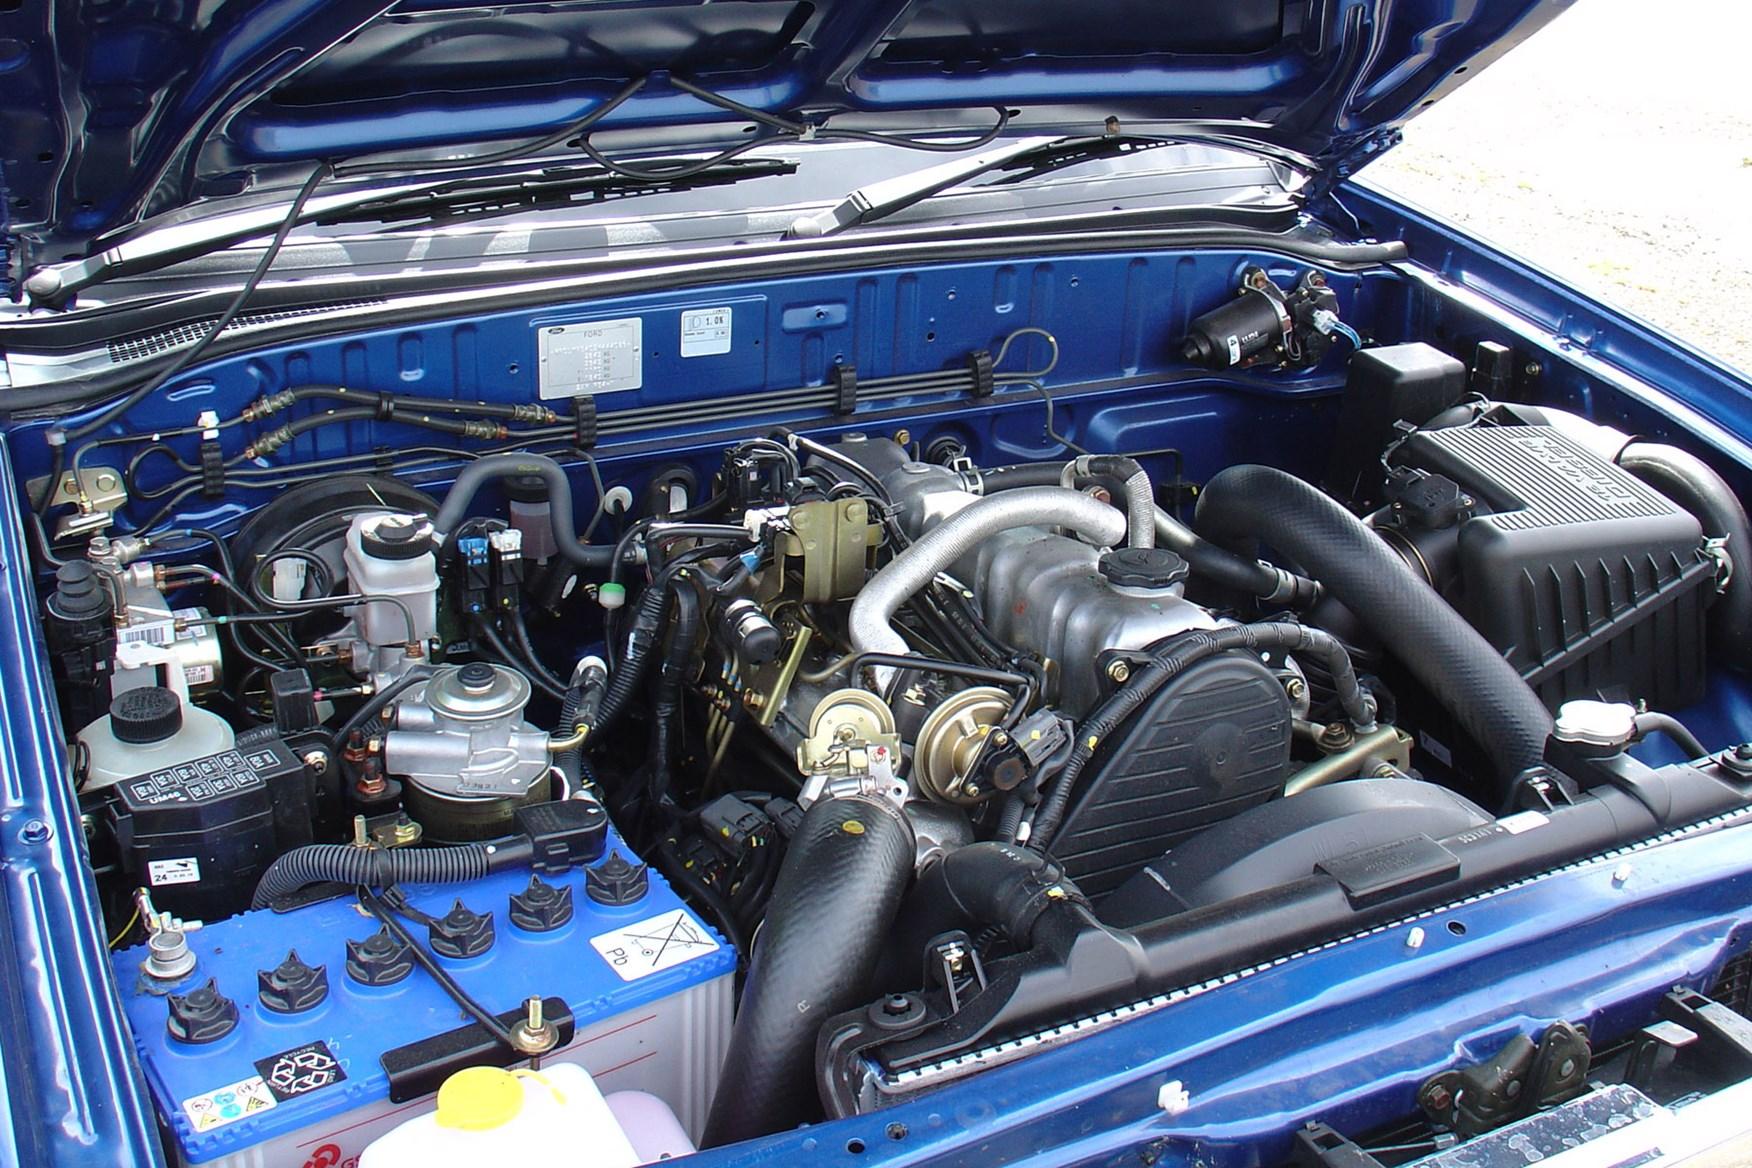 Ford Ranger (1999-2006) engine